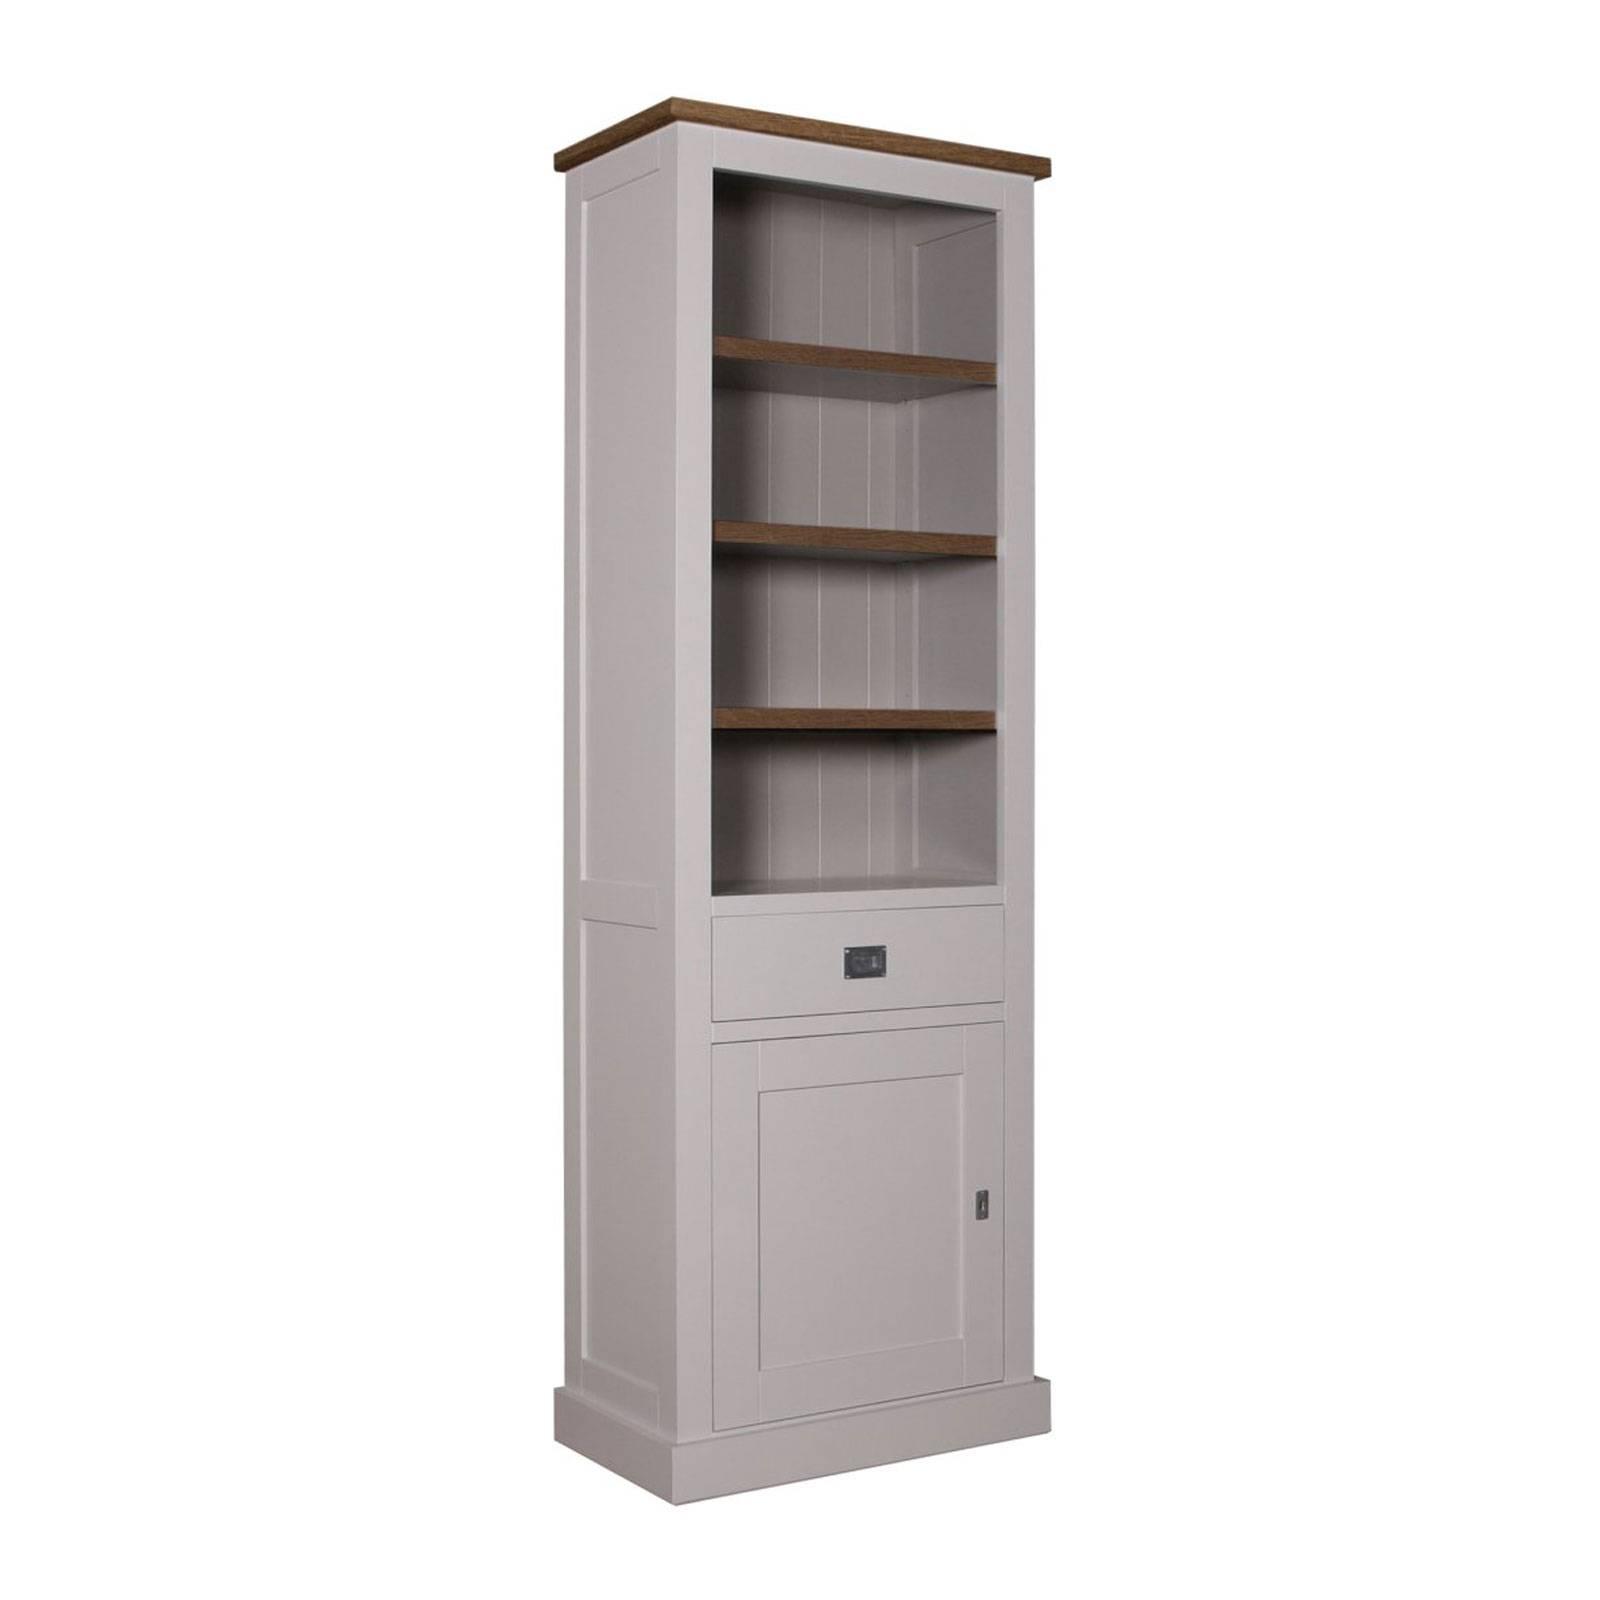 """Bibliothèque 1 porte 1 tiroir - tourne à gauche """"Kubic Oak"""" - achat bibliothèque haut de gamme"""